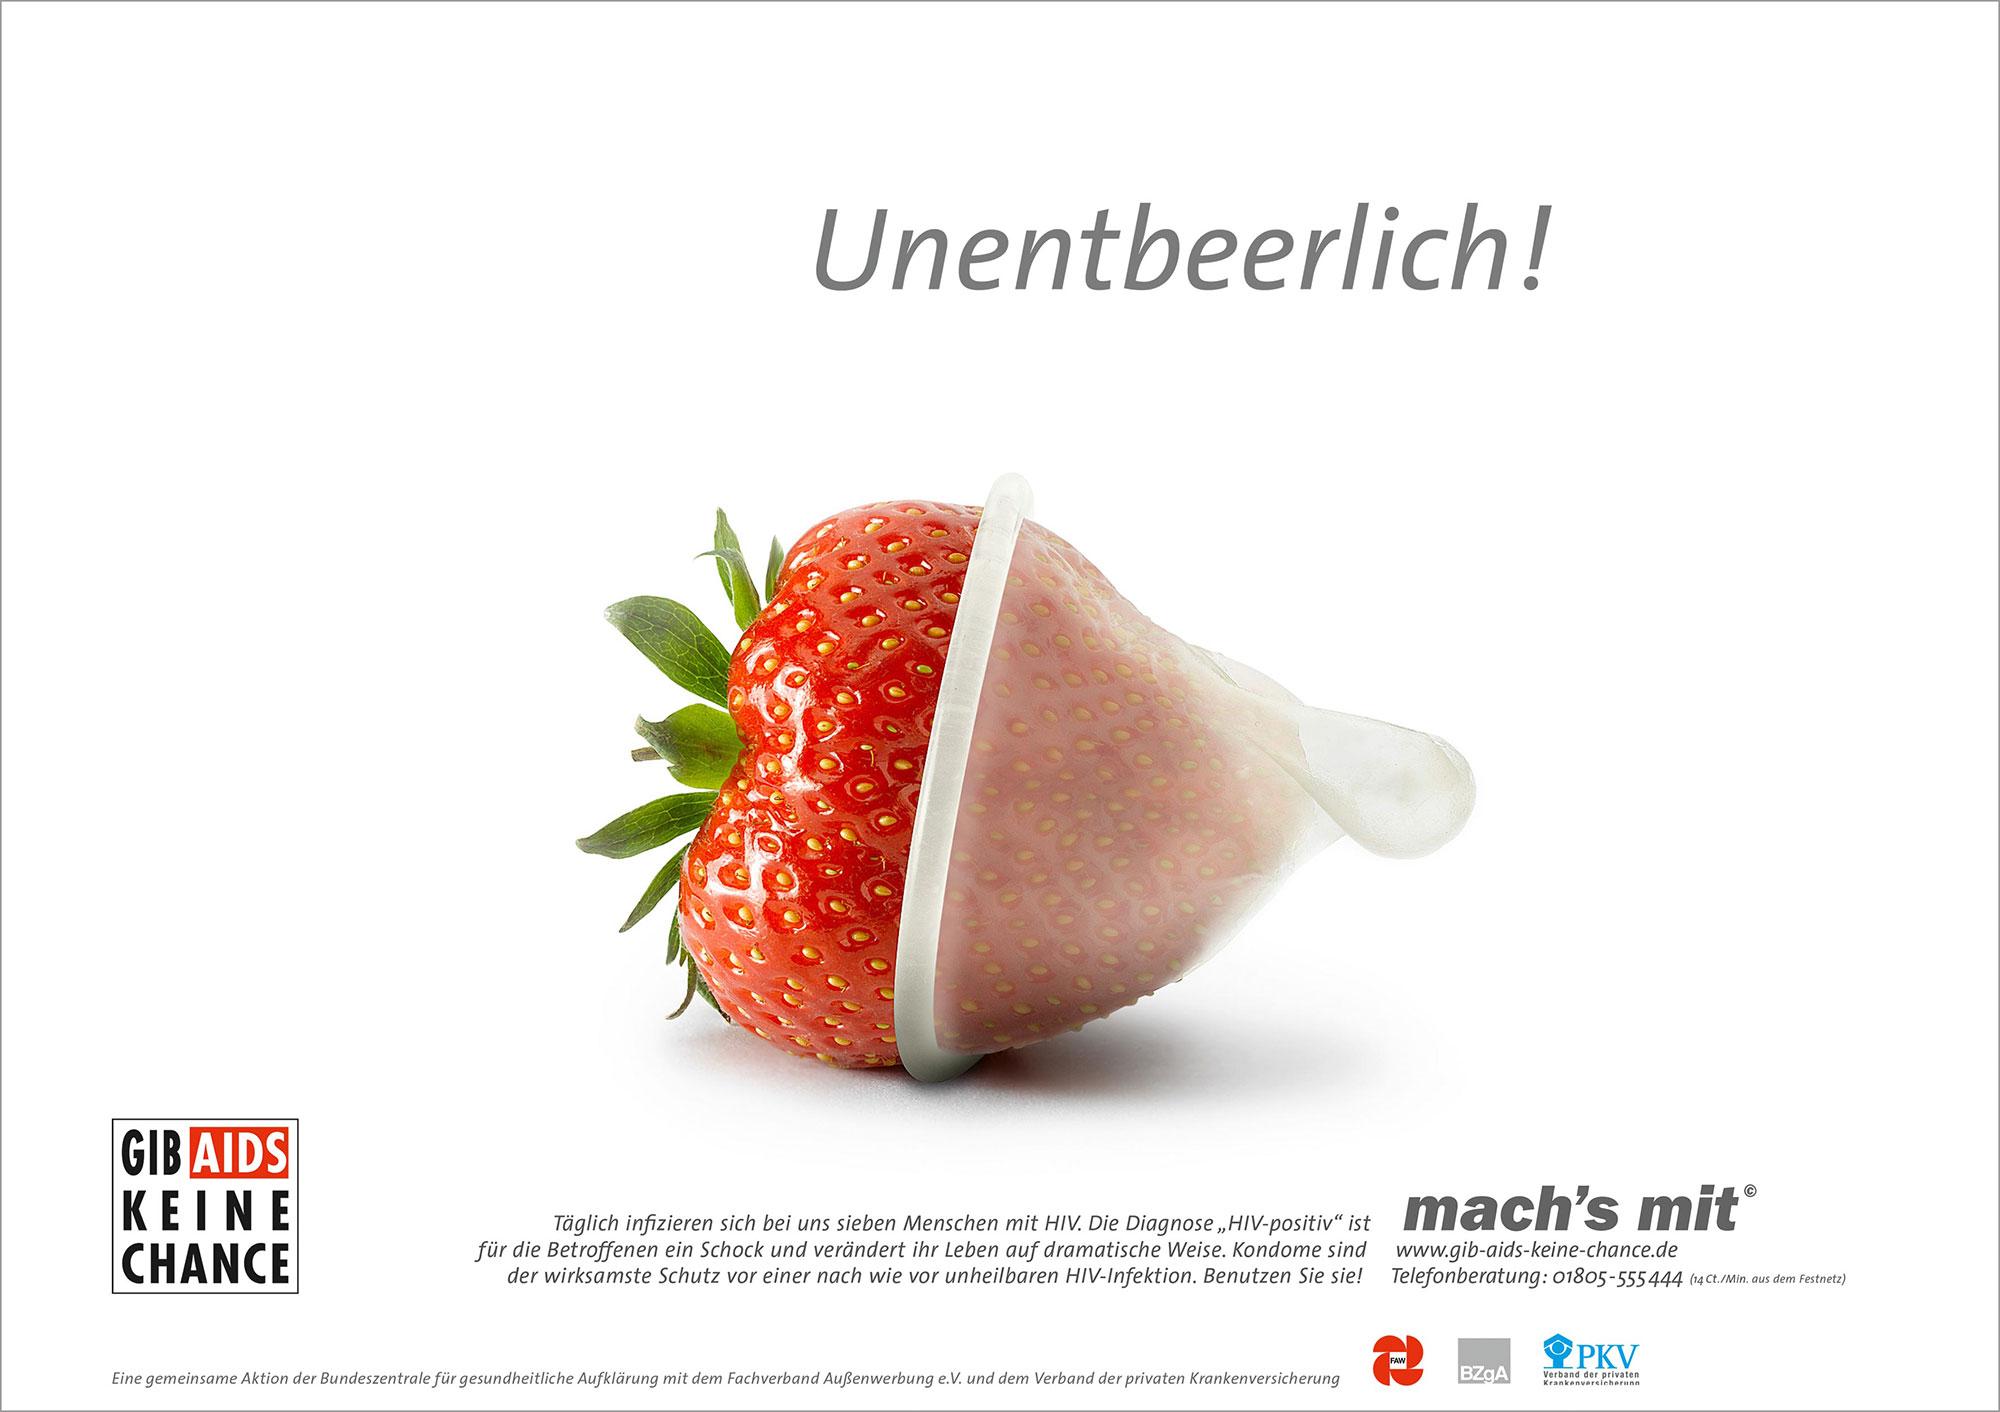 Advertising Still life Photographie Fotografie Studio BZGA mach´s mit AIDS Kampagne Erdbeere Unentbehrlich Kondom Idris Kolodziej